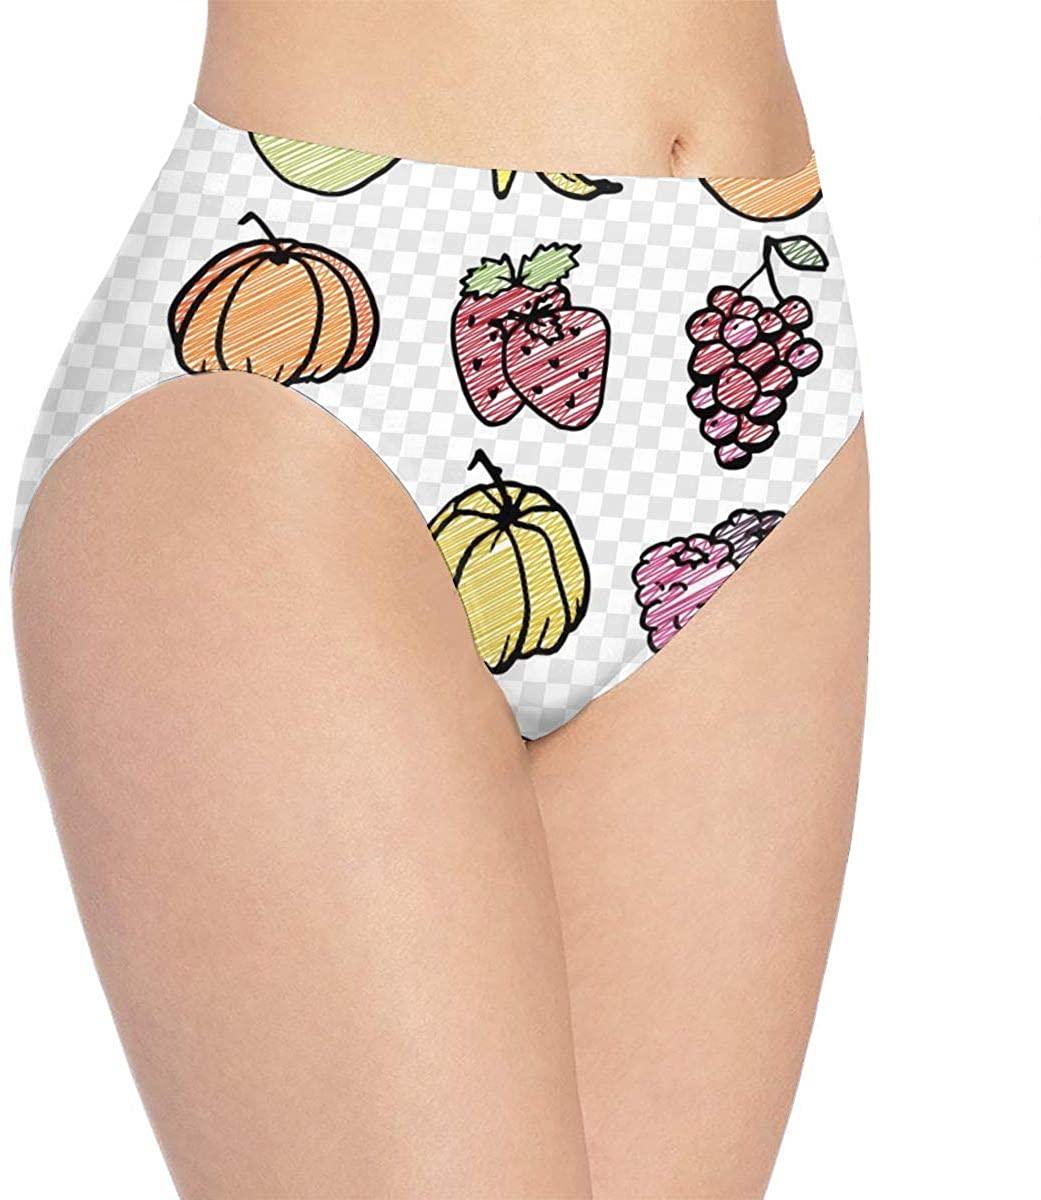 Womens Underwear Cute Fruit Set, Pineapple, Watermelon Trendy Bikini Brief Hipster Panties Panty Ladies